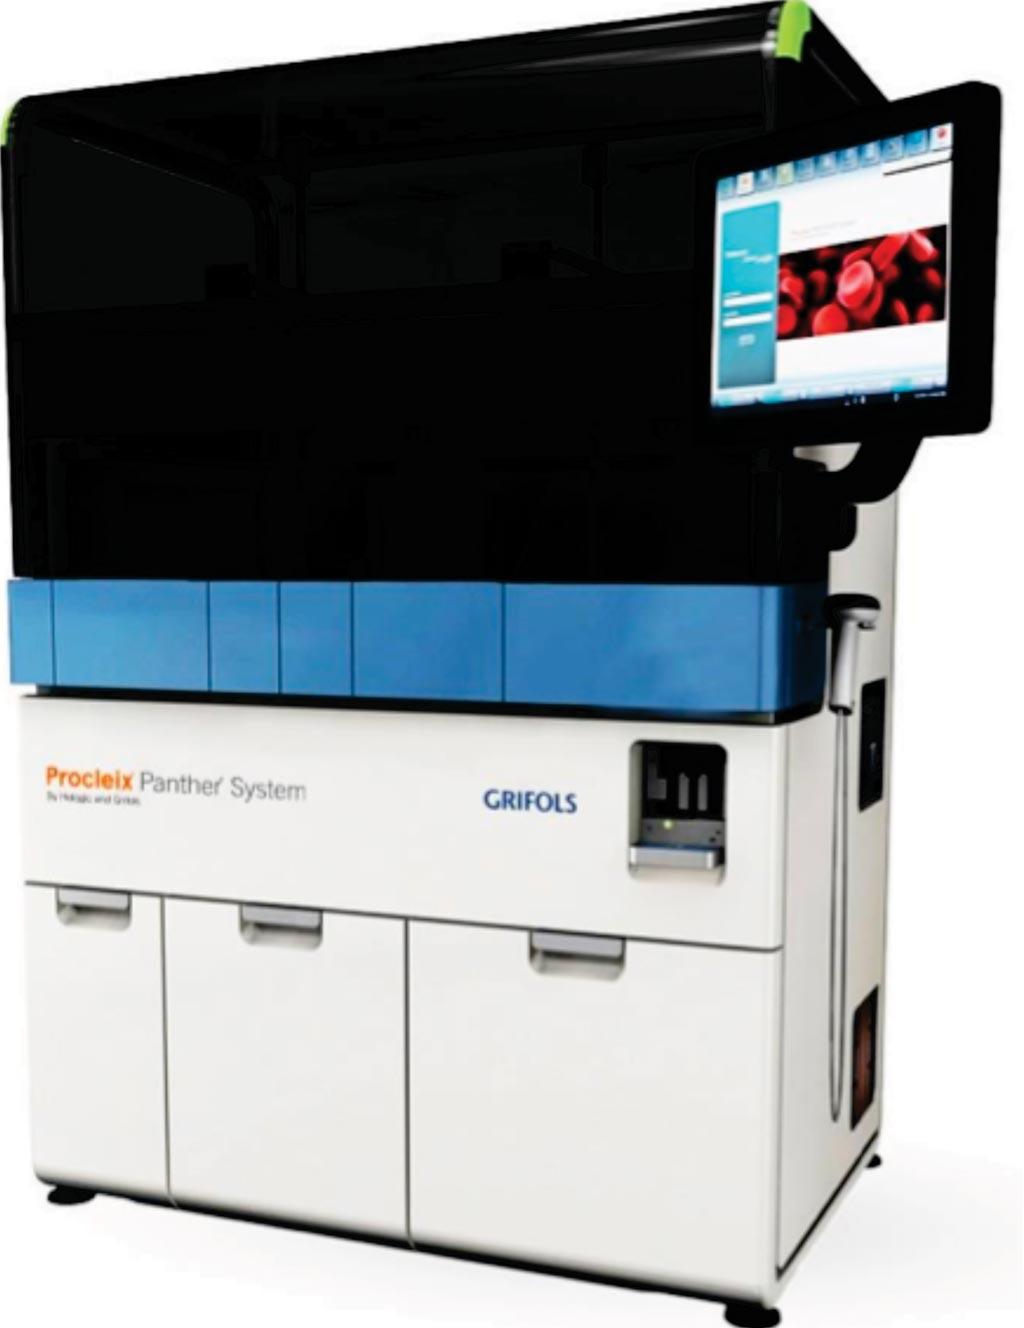 Imagen: El sistema Procleix Panther, un sistema de tecnología de ácidos nucleicos completamente integrado y automatizado para el cribado de sangre y plasma (Fotografía cortesía de Grifols Diagnostics).